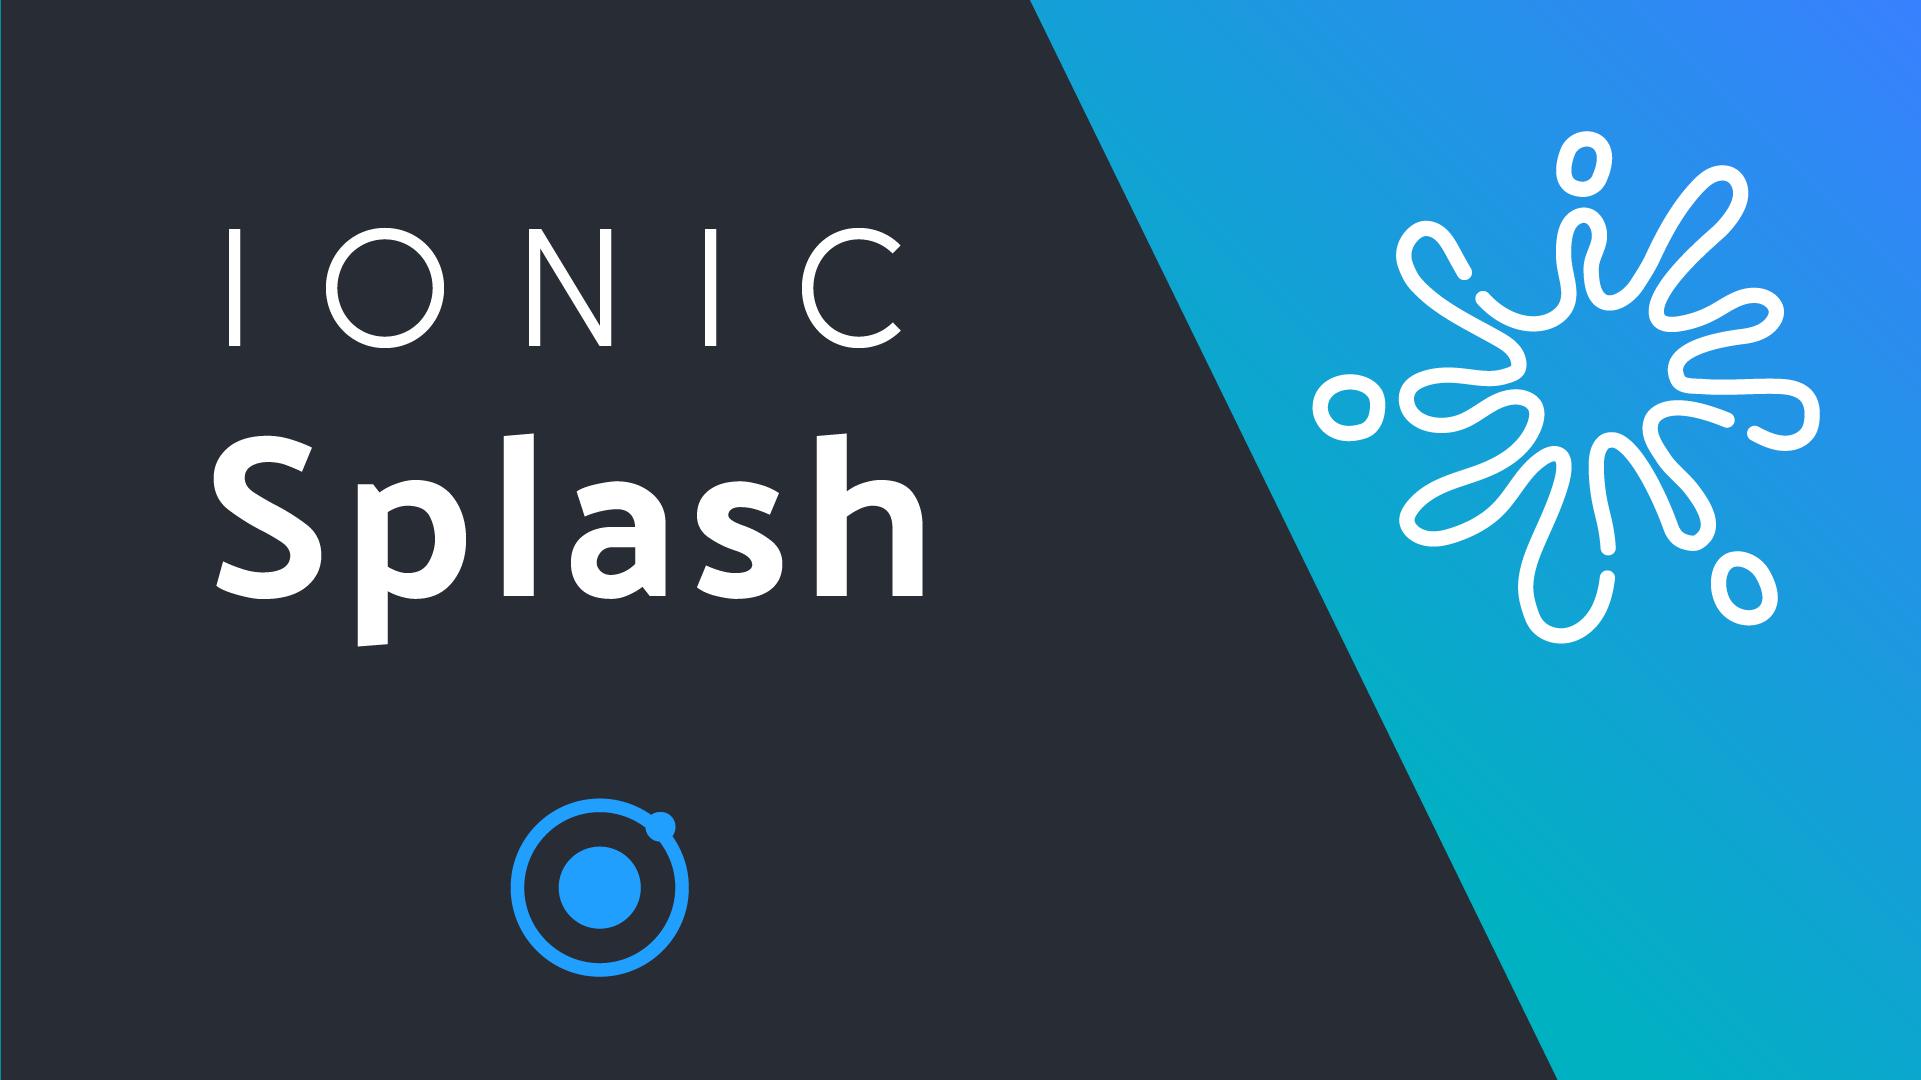 Ionic Splash Screen Animation | AngularFirebase